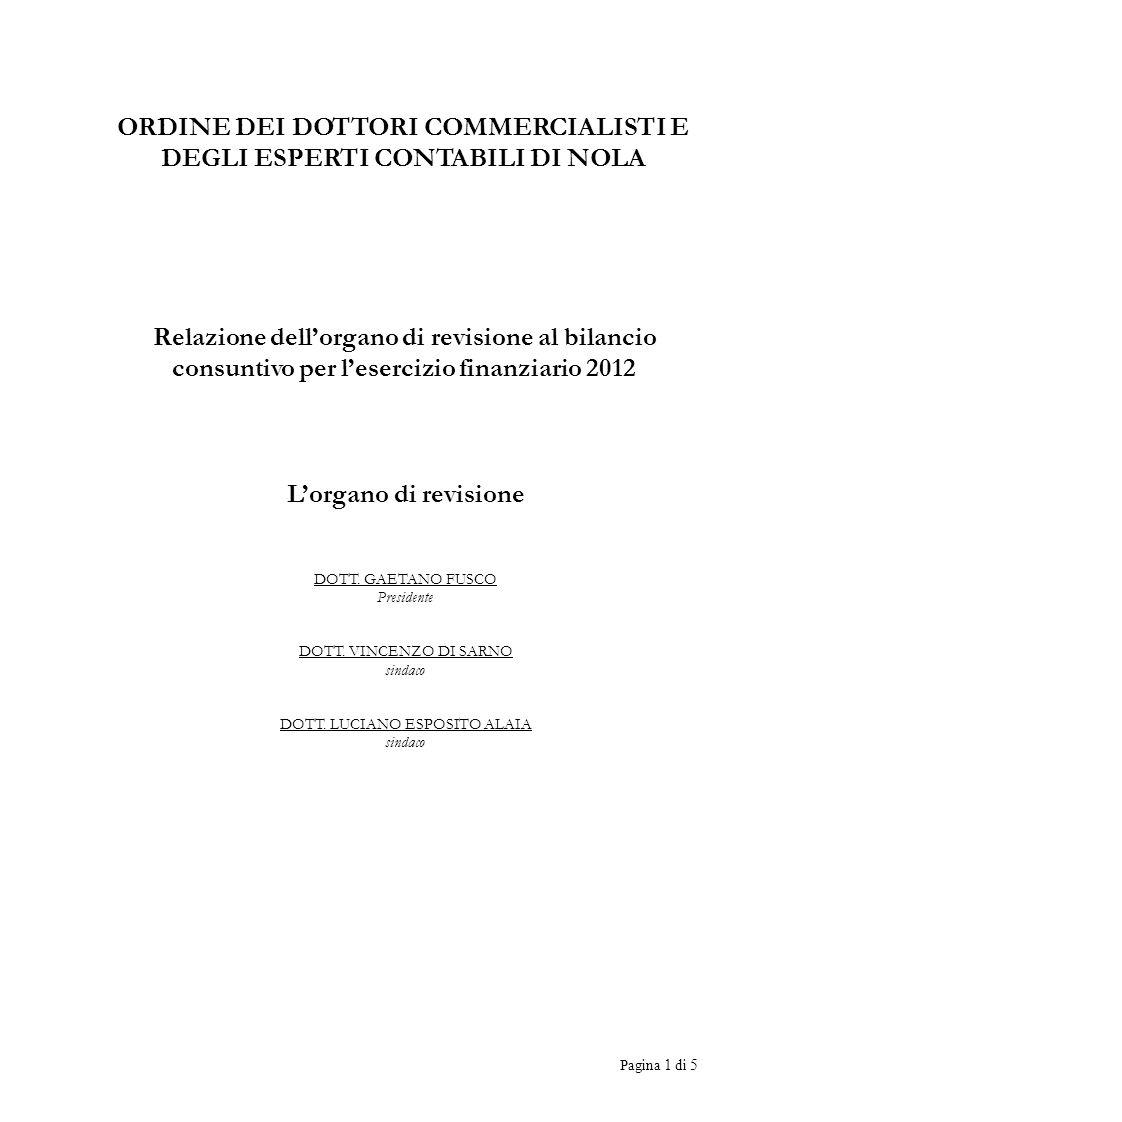 Pagina 1 di 5 ORDINE DEI DOTTORI COMMERCIALISTI E DEGLI ESPERTI CONTABILI DI NOLA Relazione dellorgano di revisione al bilancio consuntivo per leserci